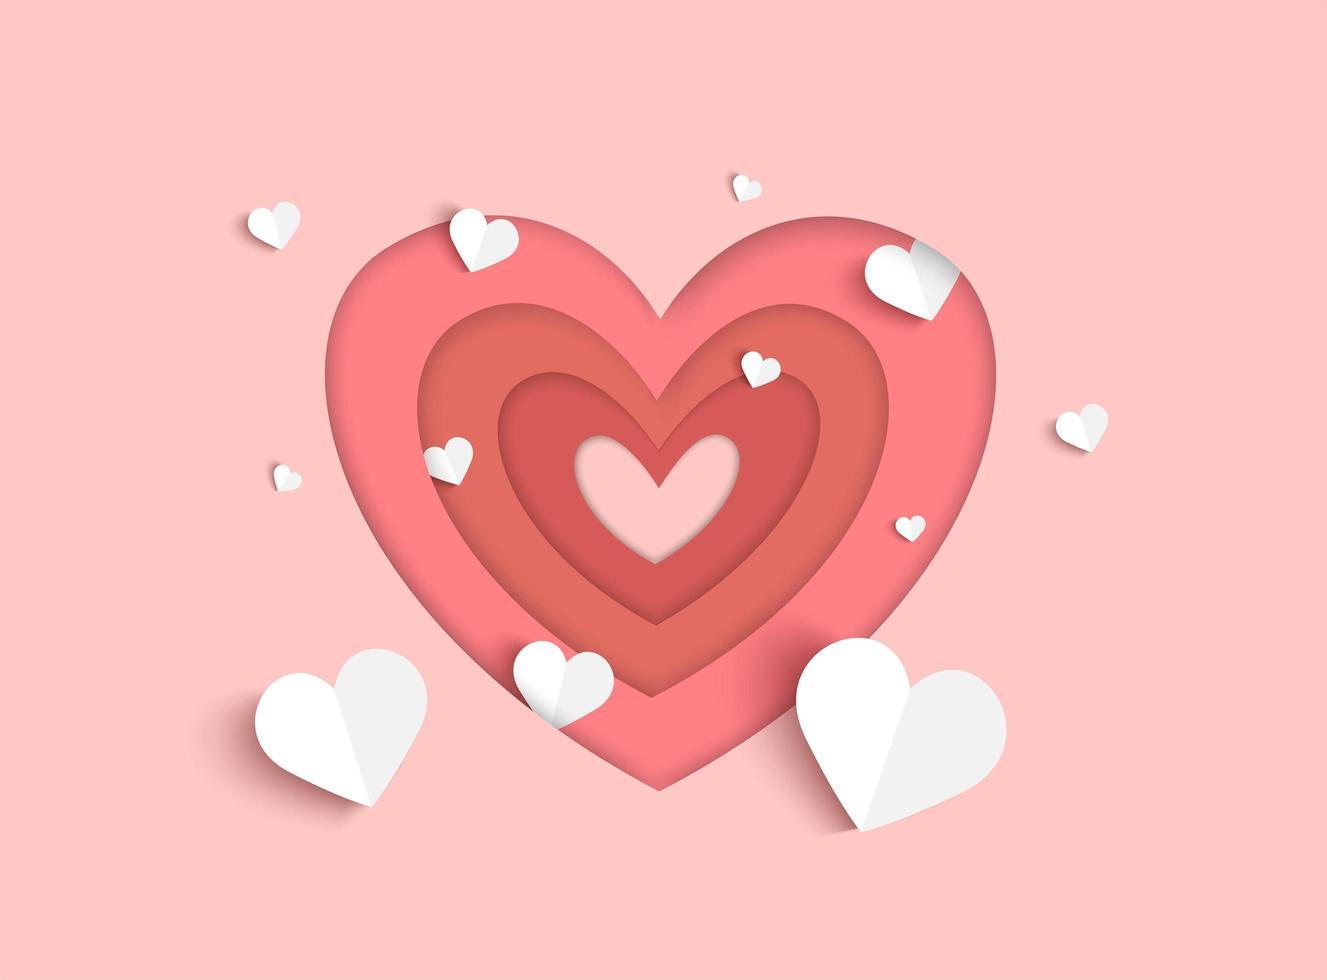 Rosa bakgrund för valentindag med hjärtor för snitt för vitbok och snittformat hjärta vektor